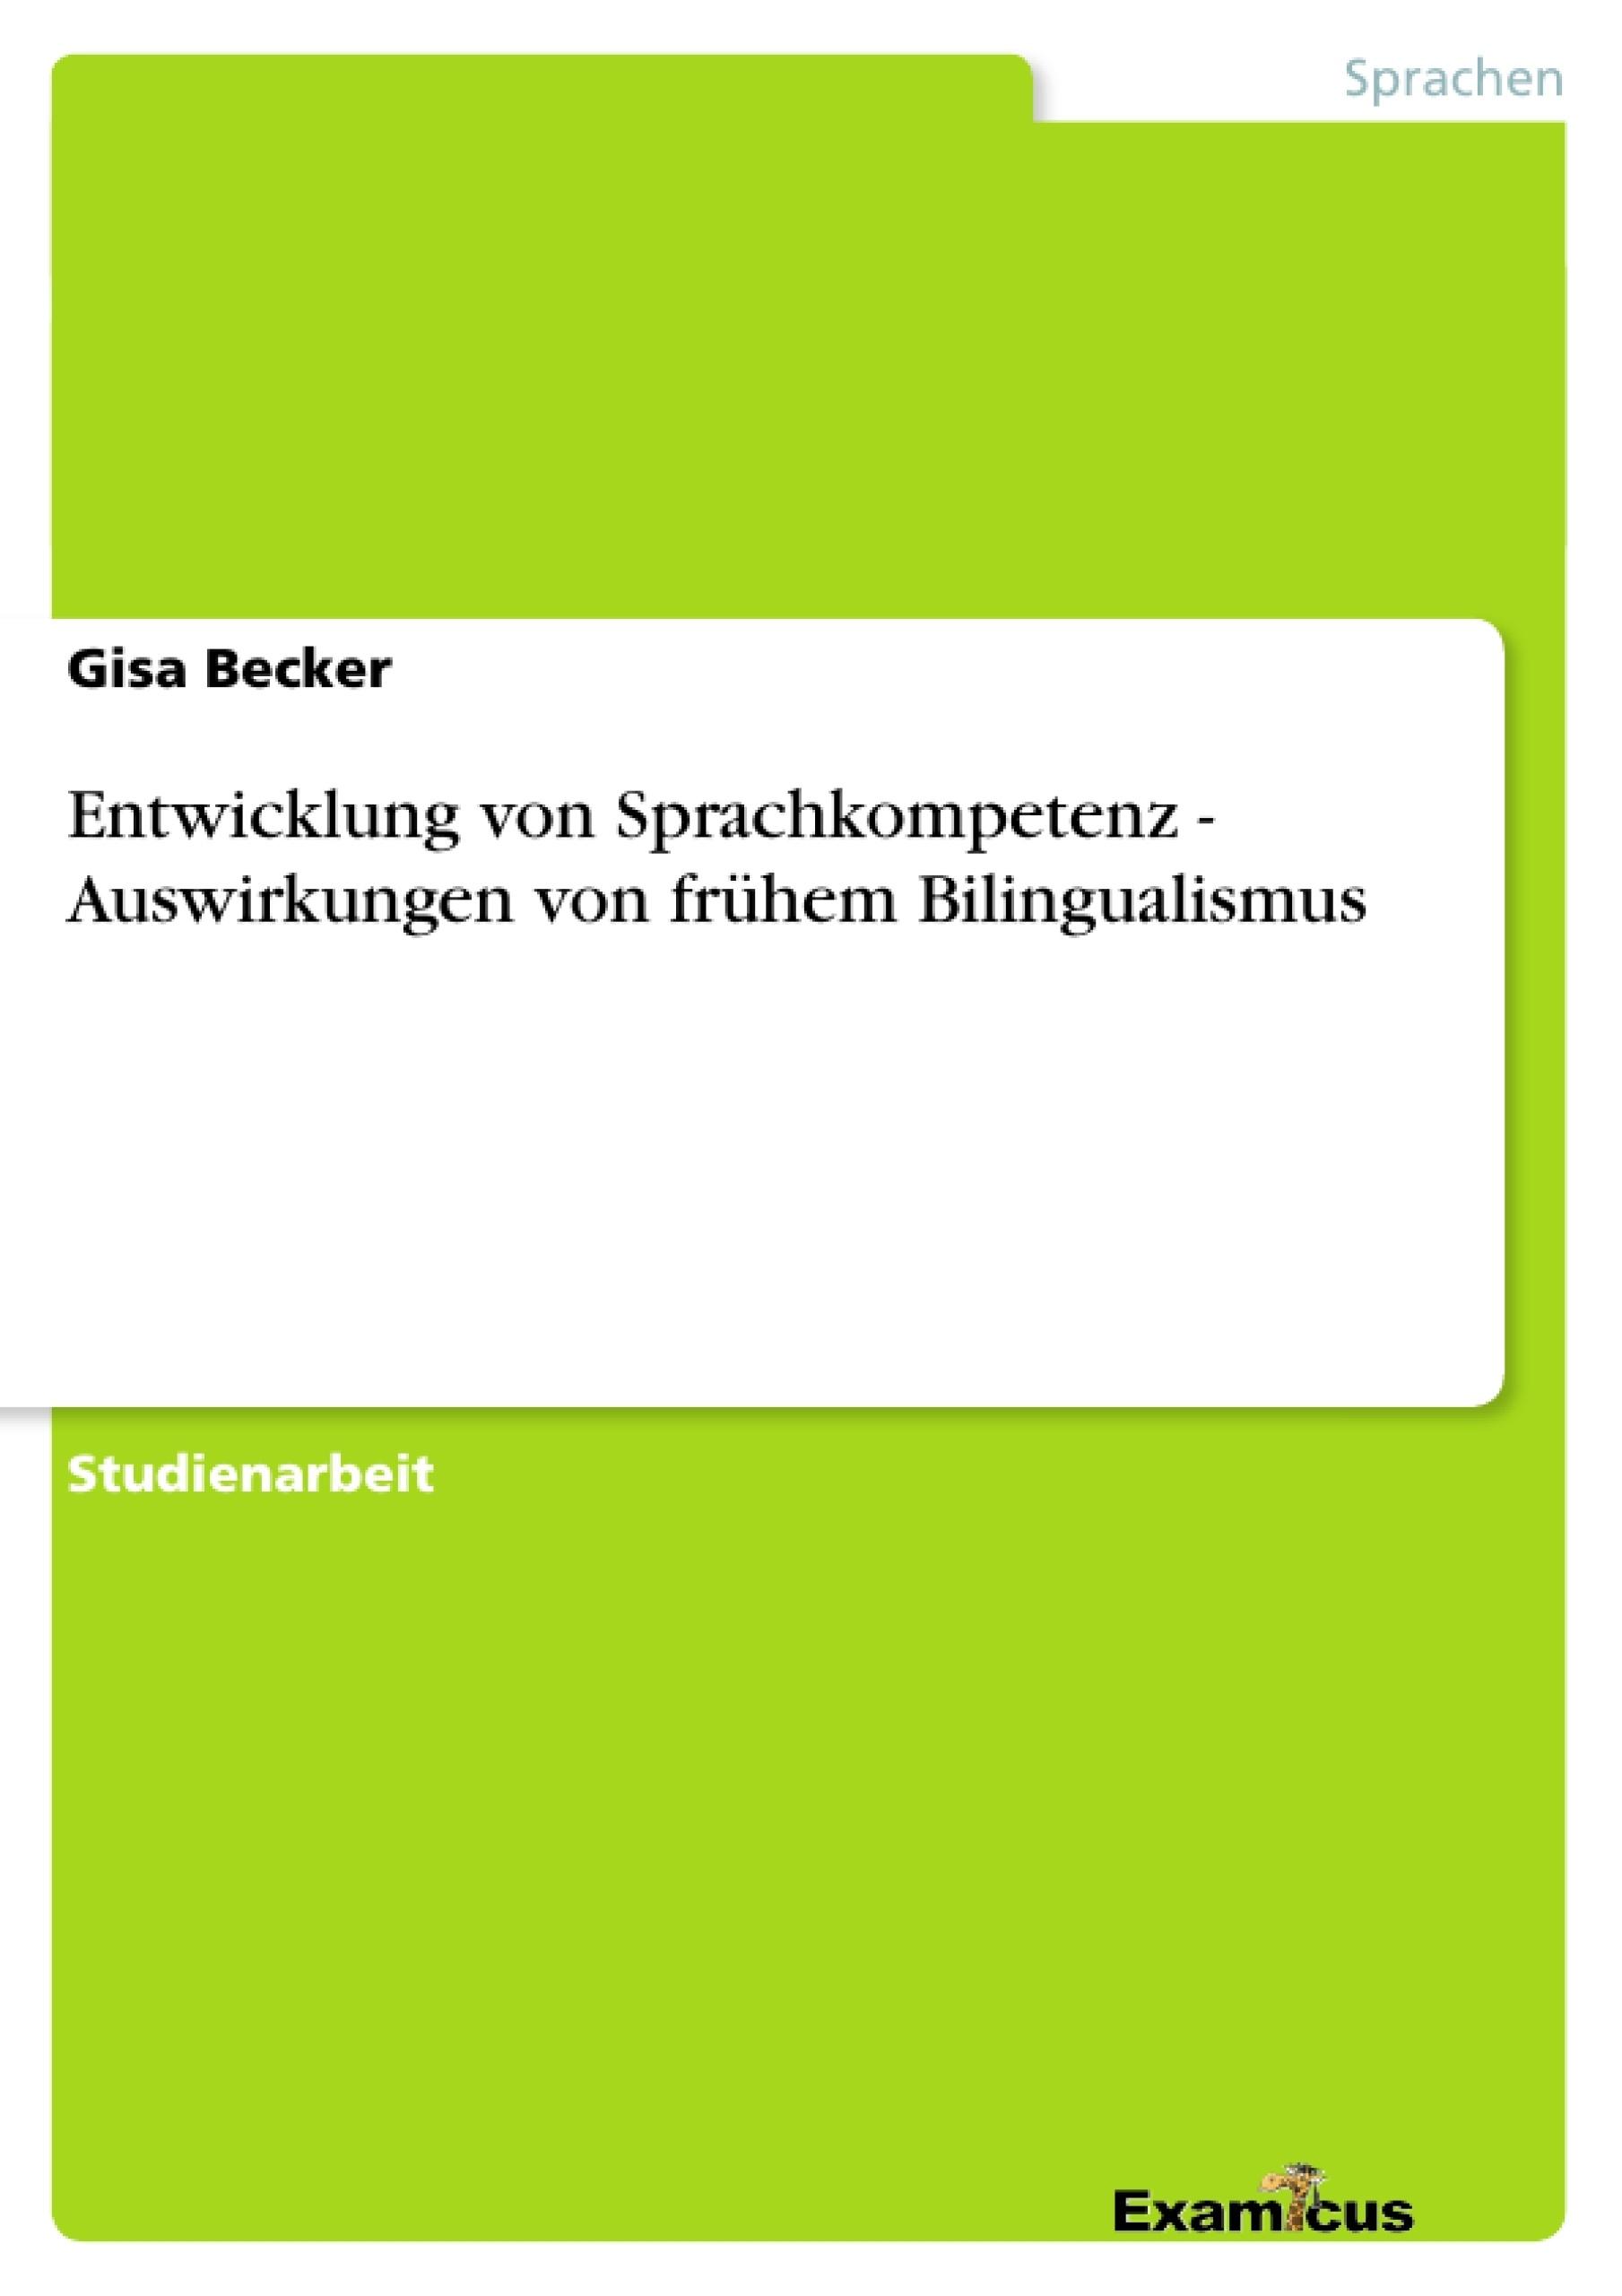 Titel: Entwicklung von Sprachkompetenz - Auswirkungen von frühem Bilingualismus